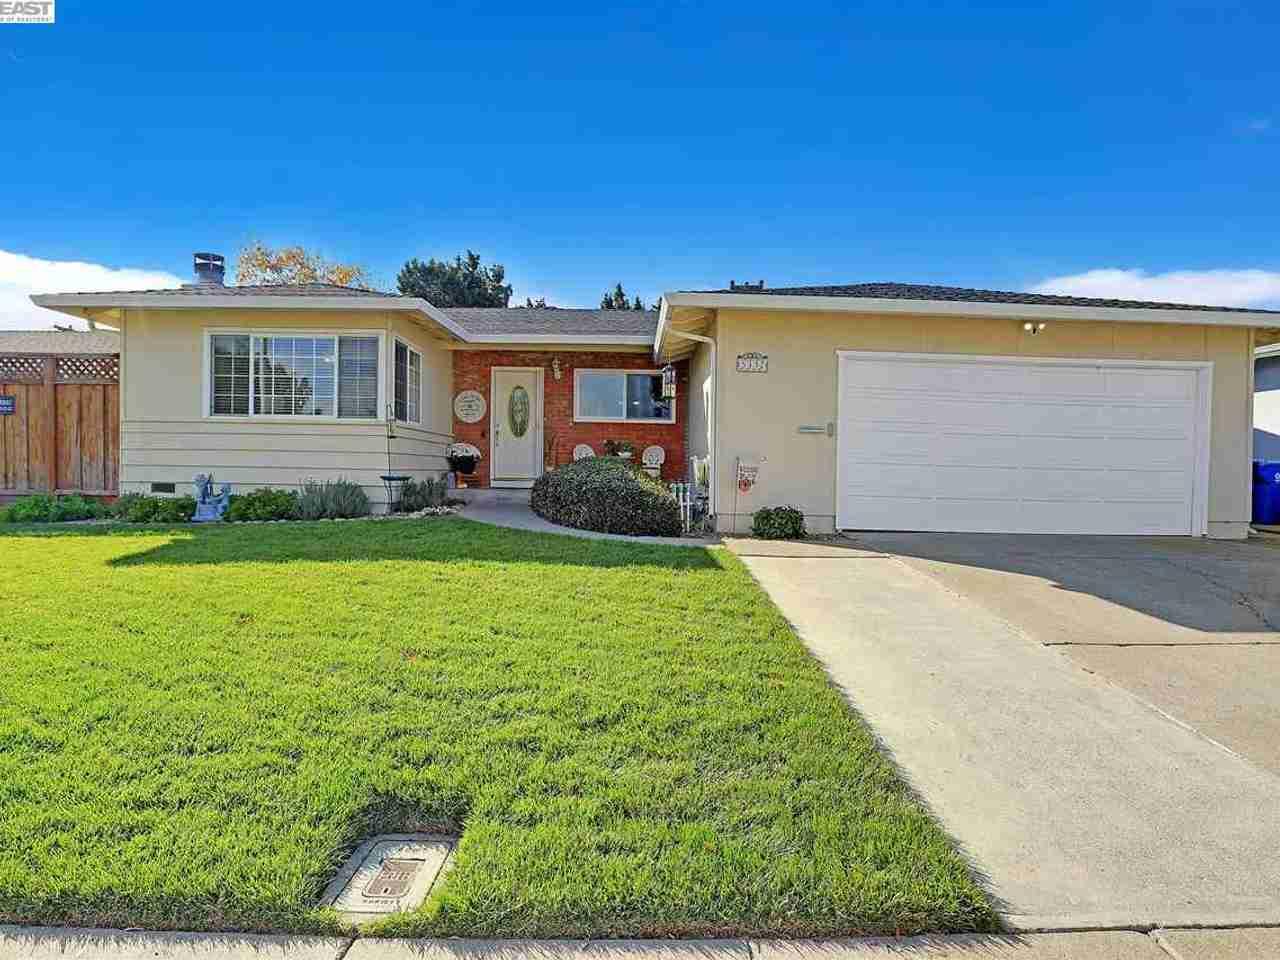 5332 Tanglewood Park Dr Fremont, CA, 94538